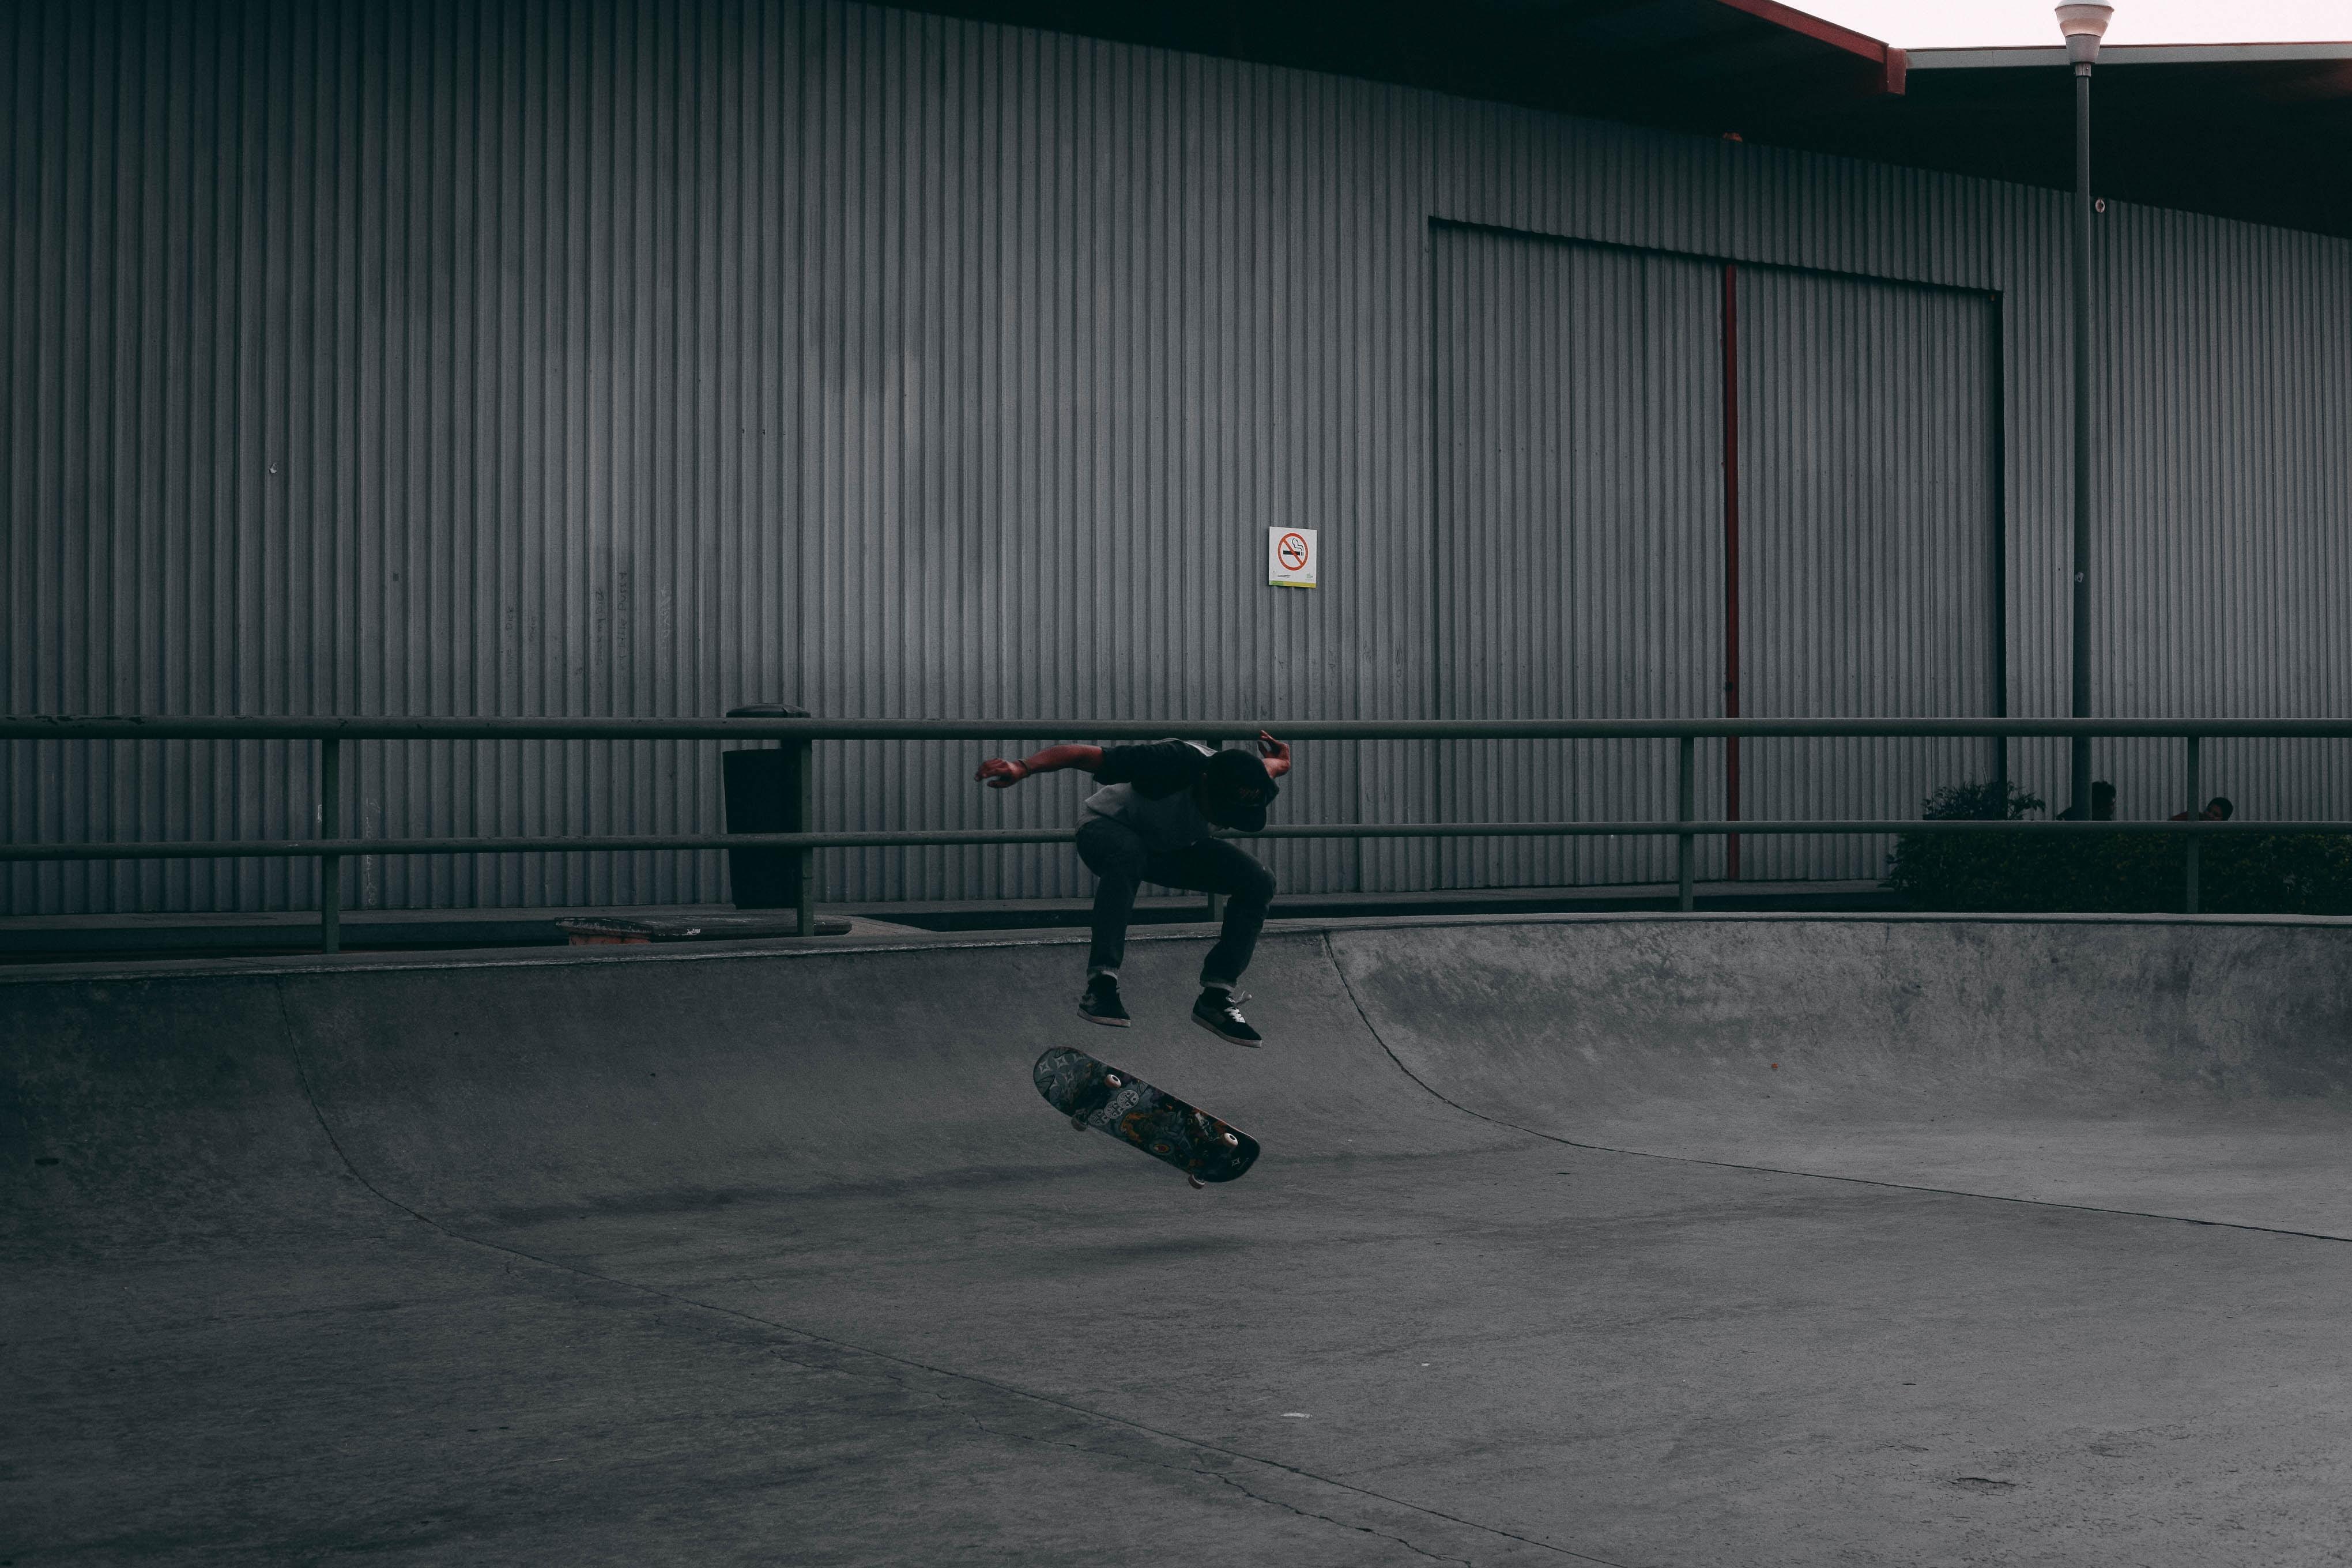 man playing skateboard during daytime